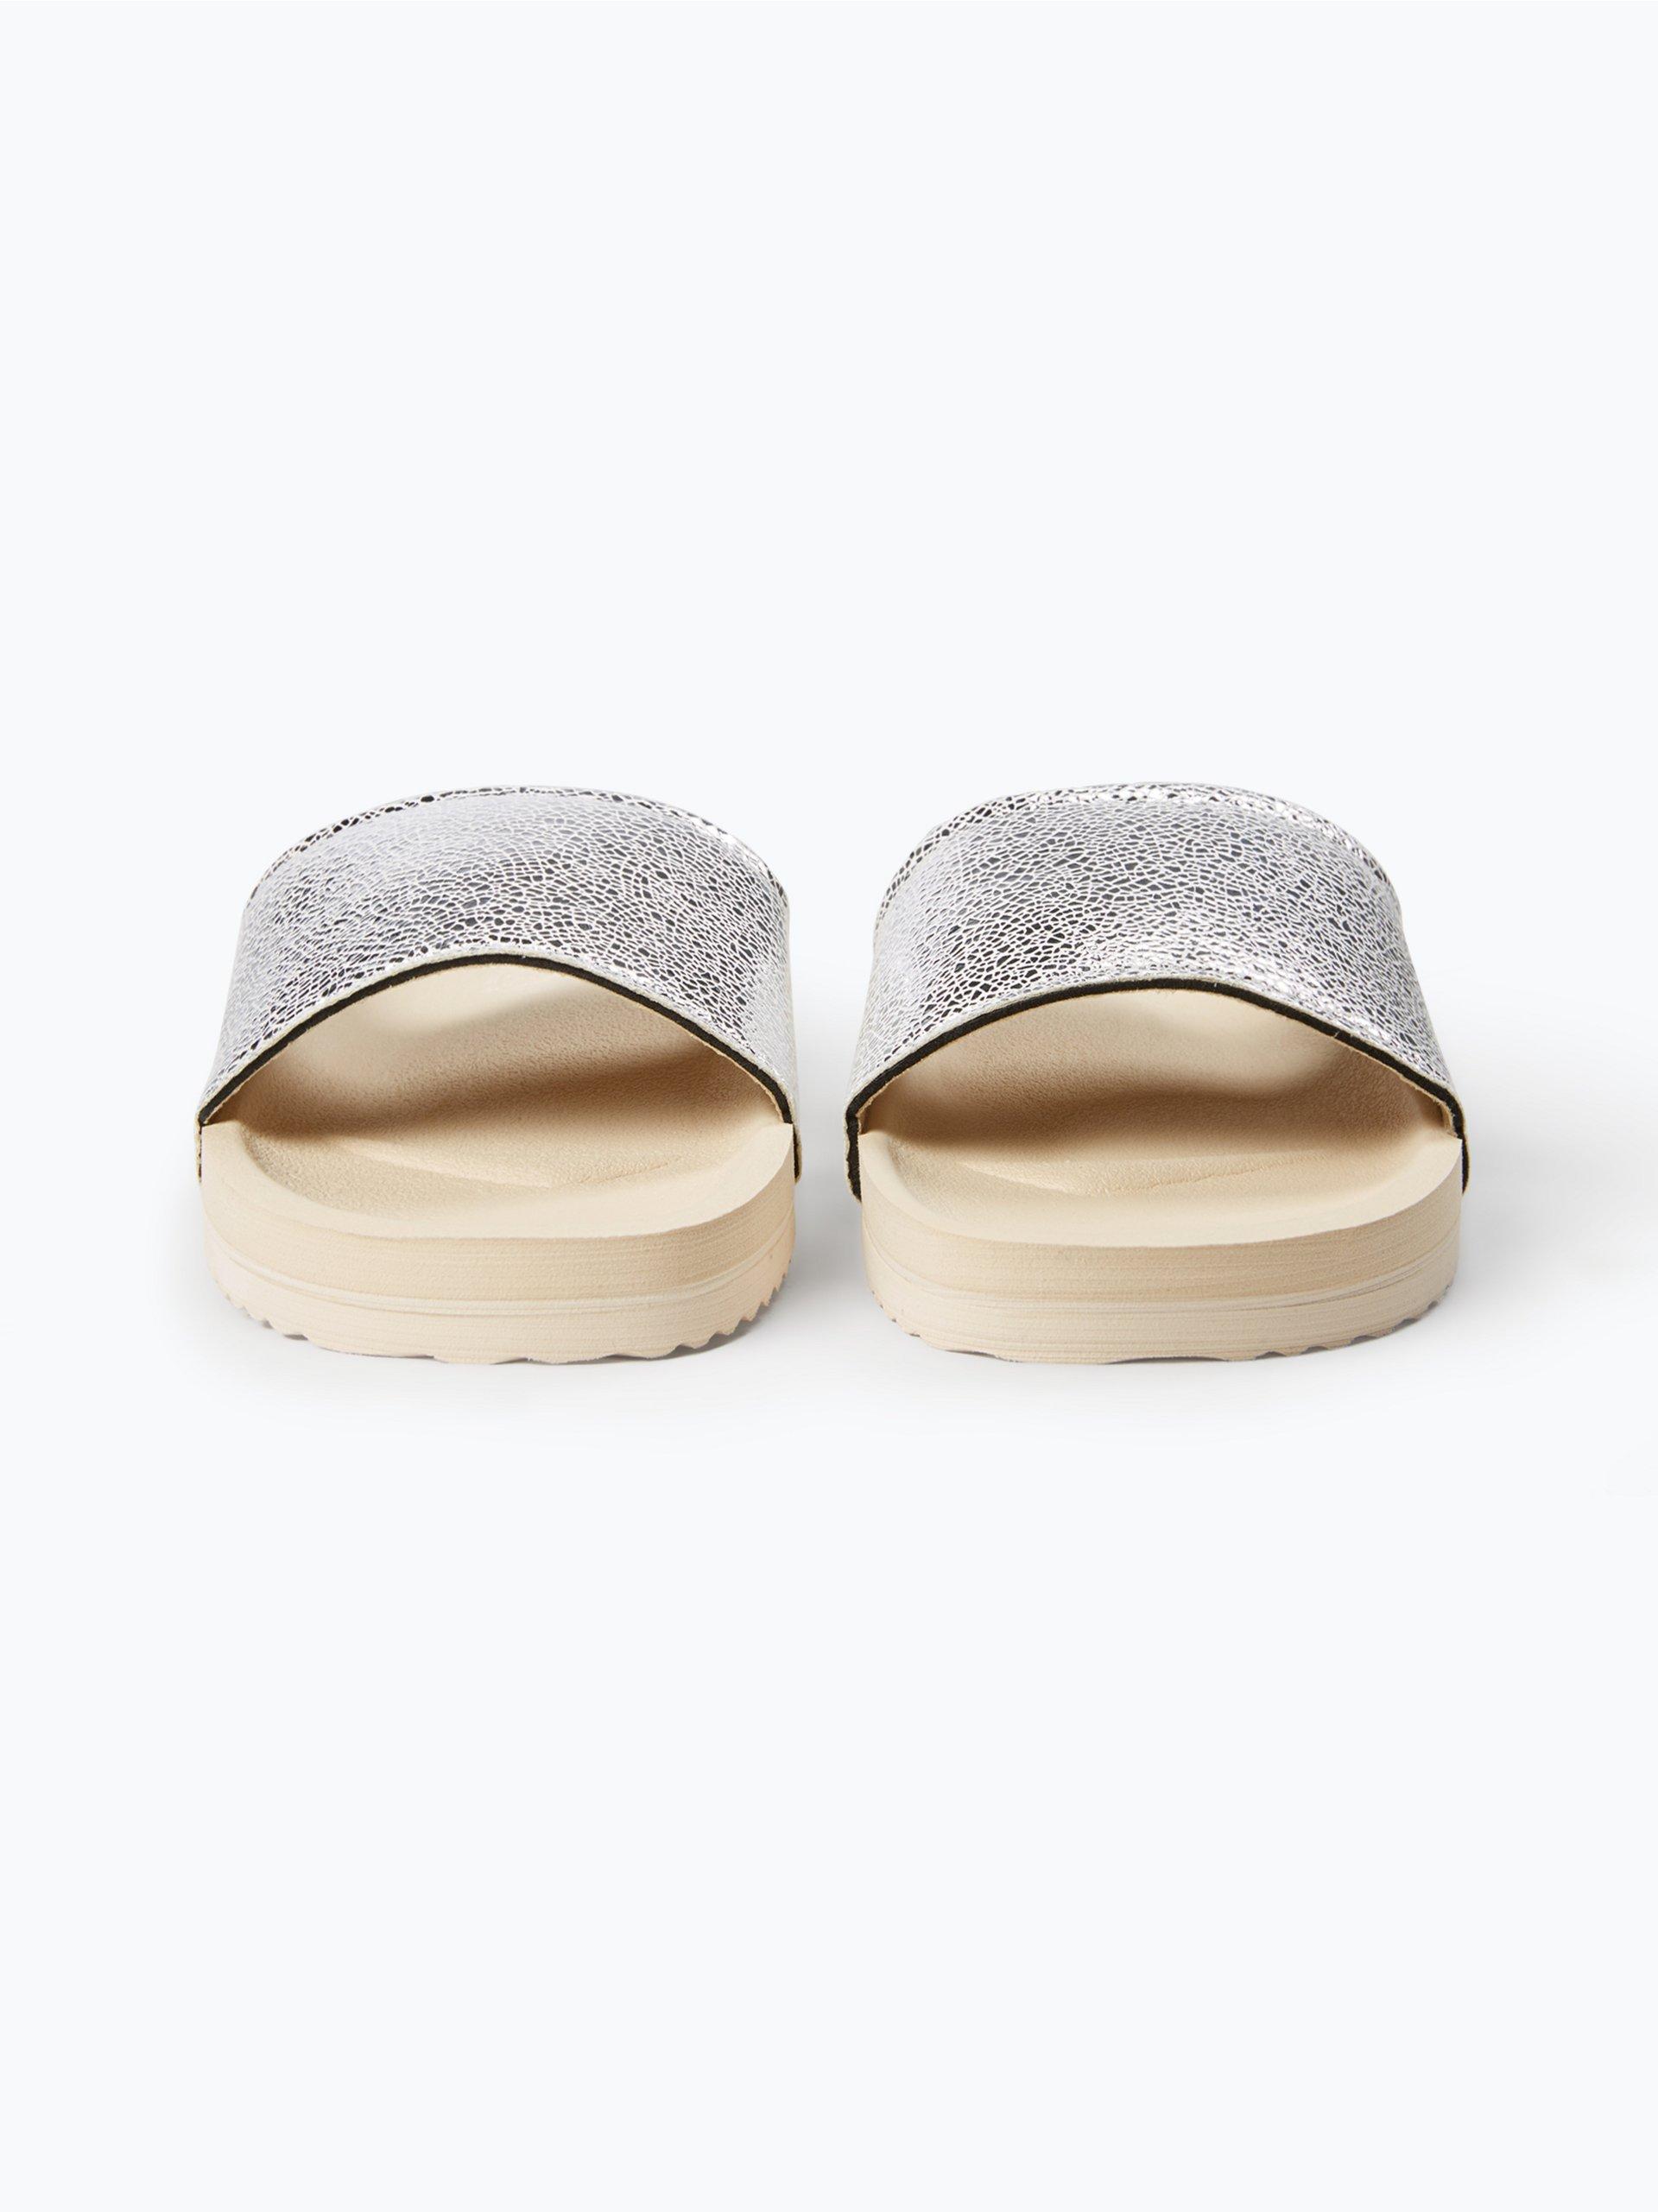 flip flop damen pantoletten silber uni online kaufen peek und cloppenburg de. Black Bedroom Furniture Sets. Home Design Ideas